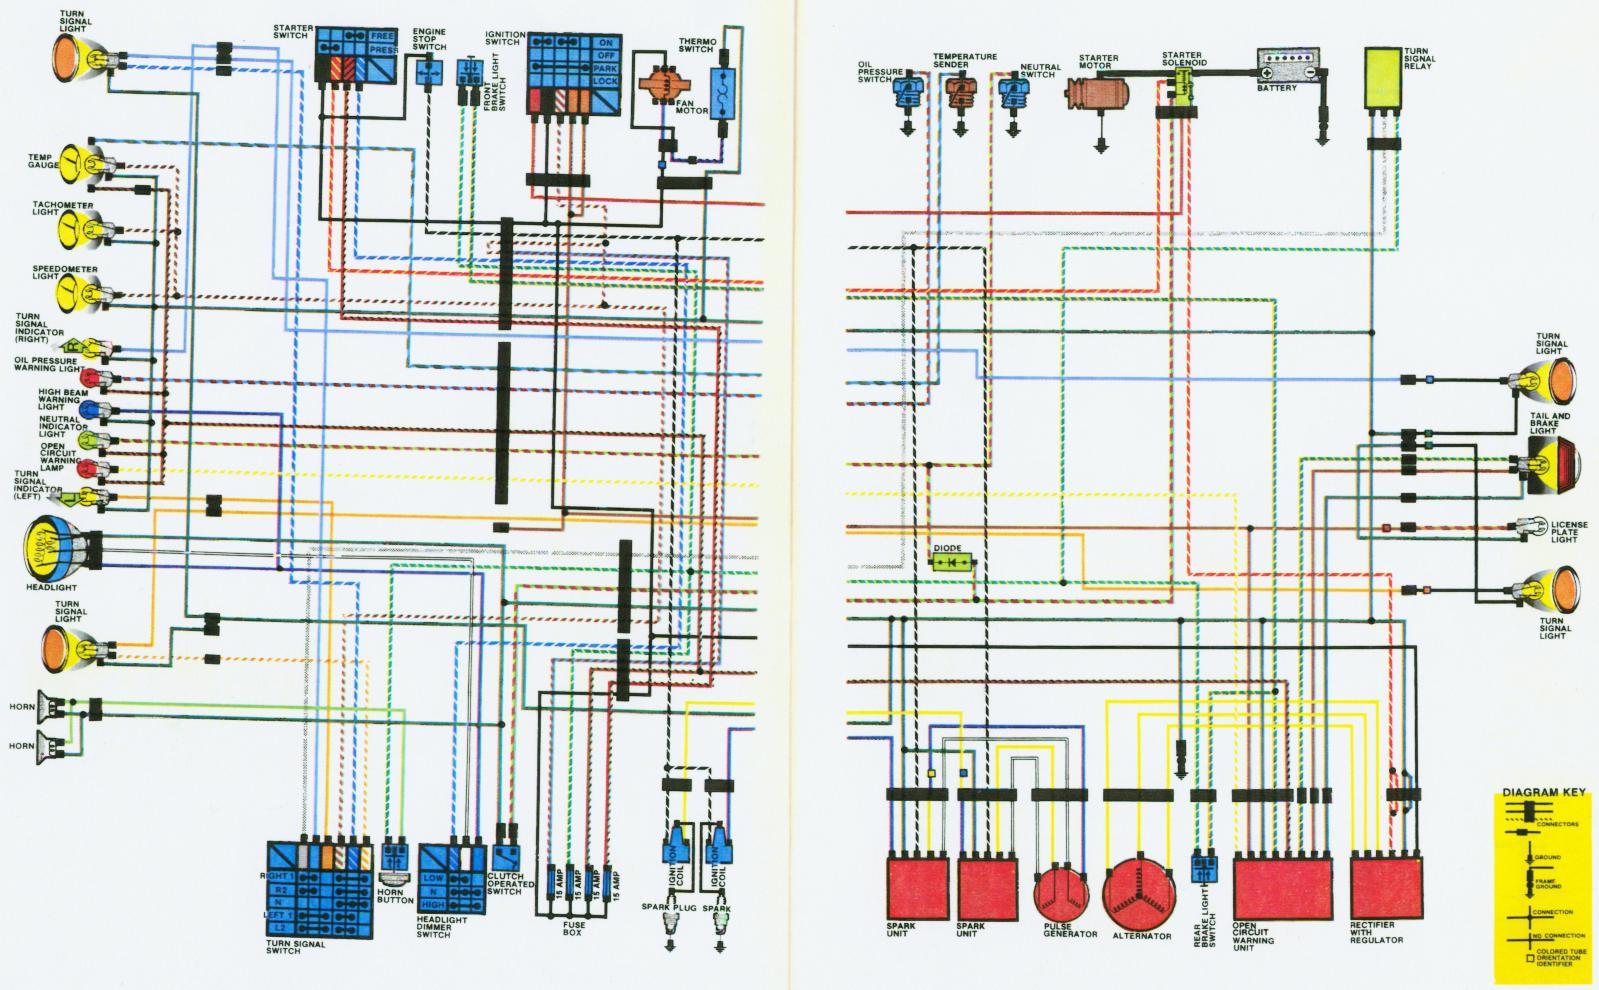 1980 ct70 wiring diagram 2 phase transformer honda cx500 free engine image